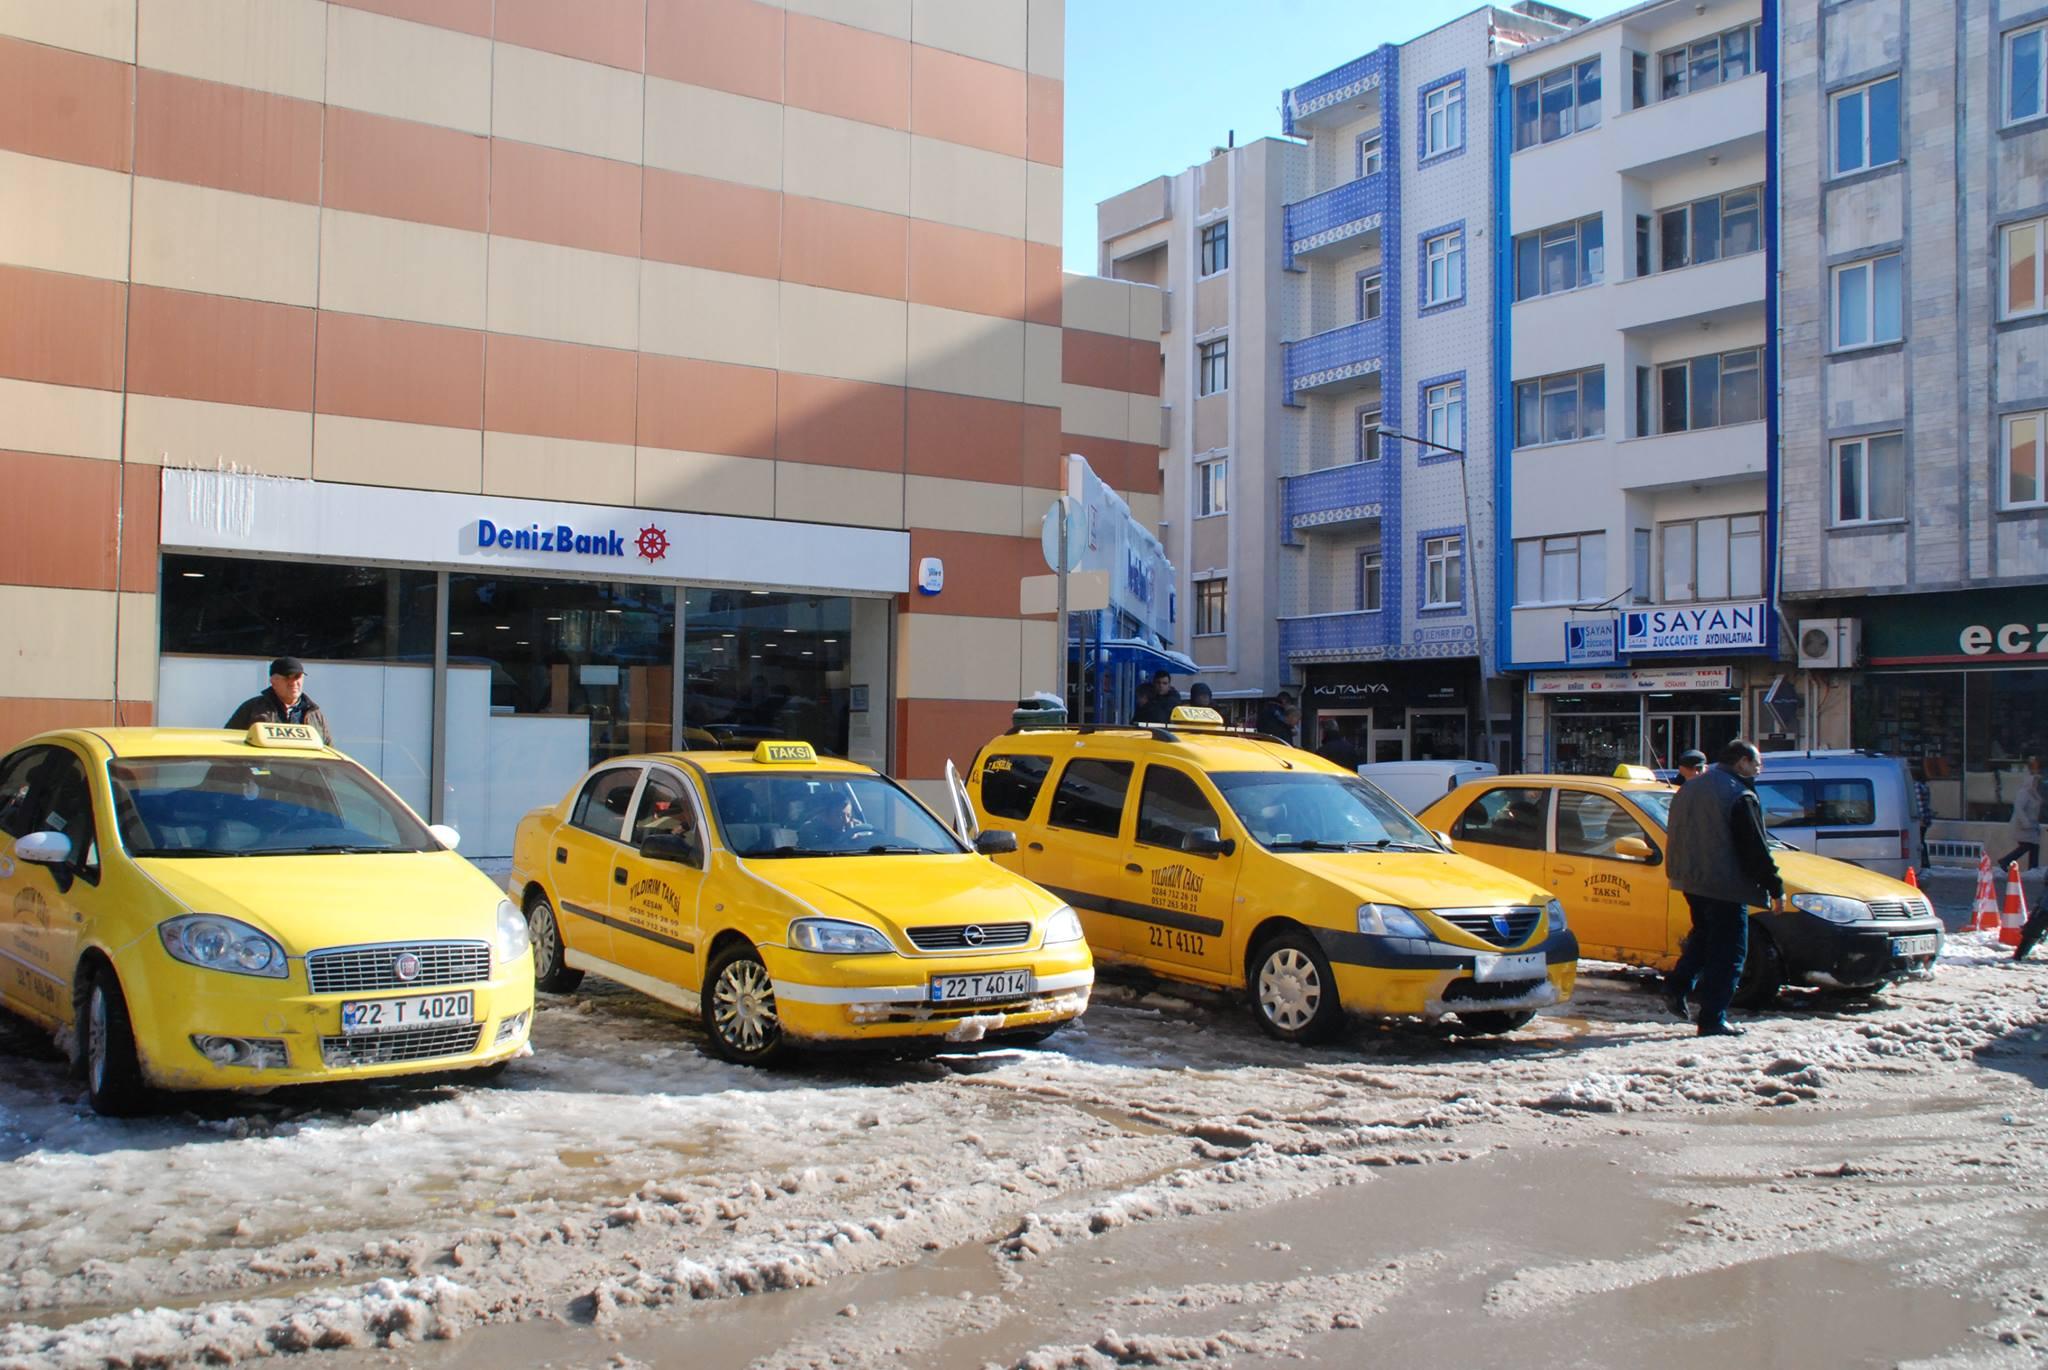 Yildirim Taksi Duragi Pasayigit Caddesi Ne Tasindi